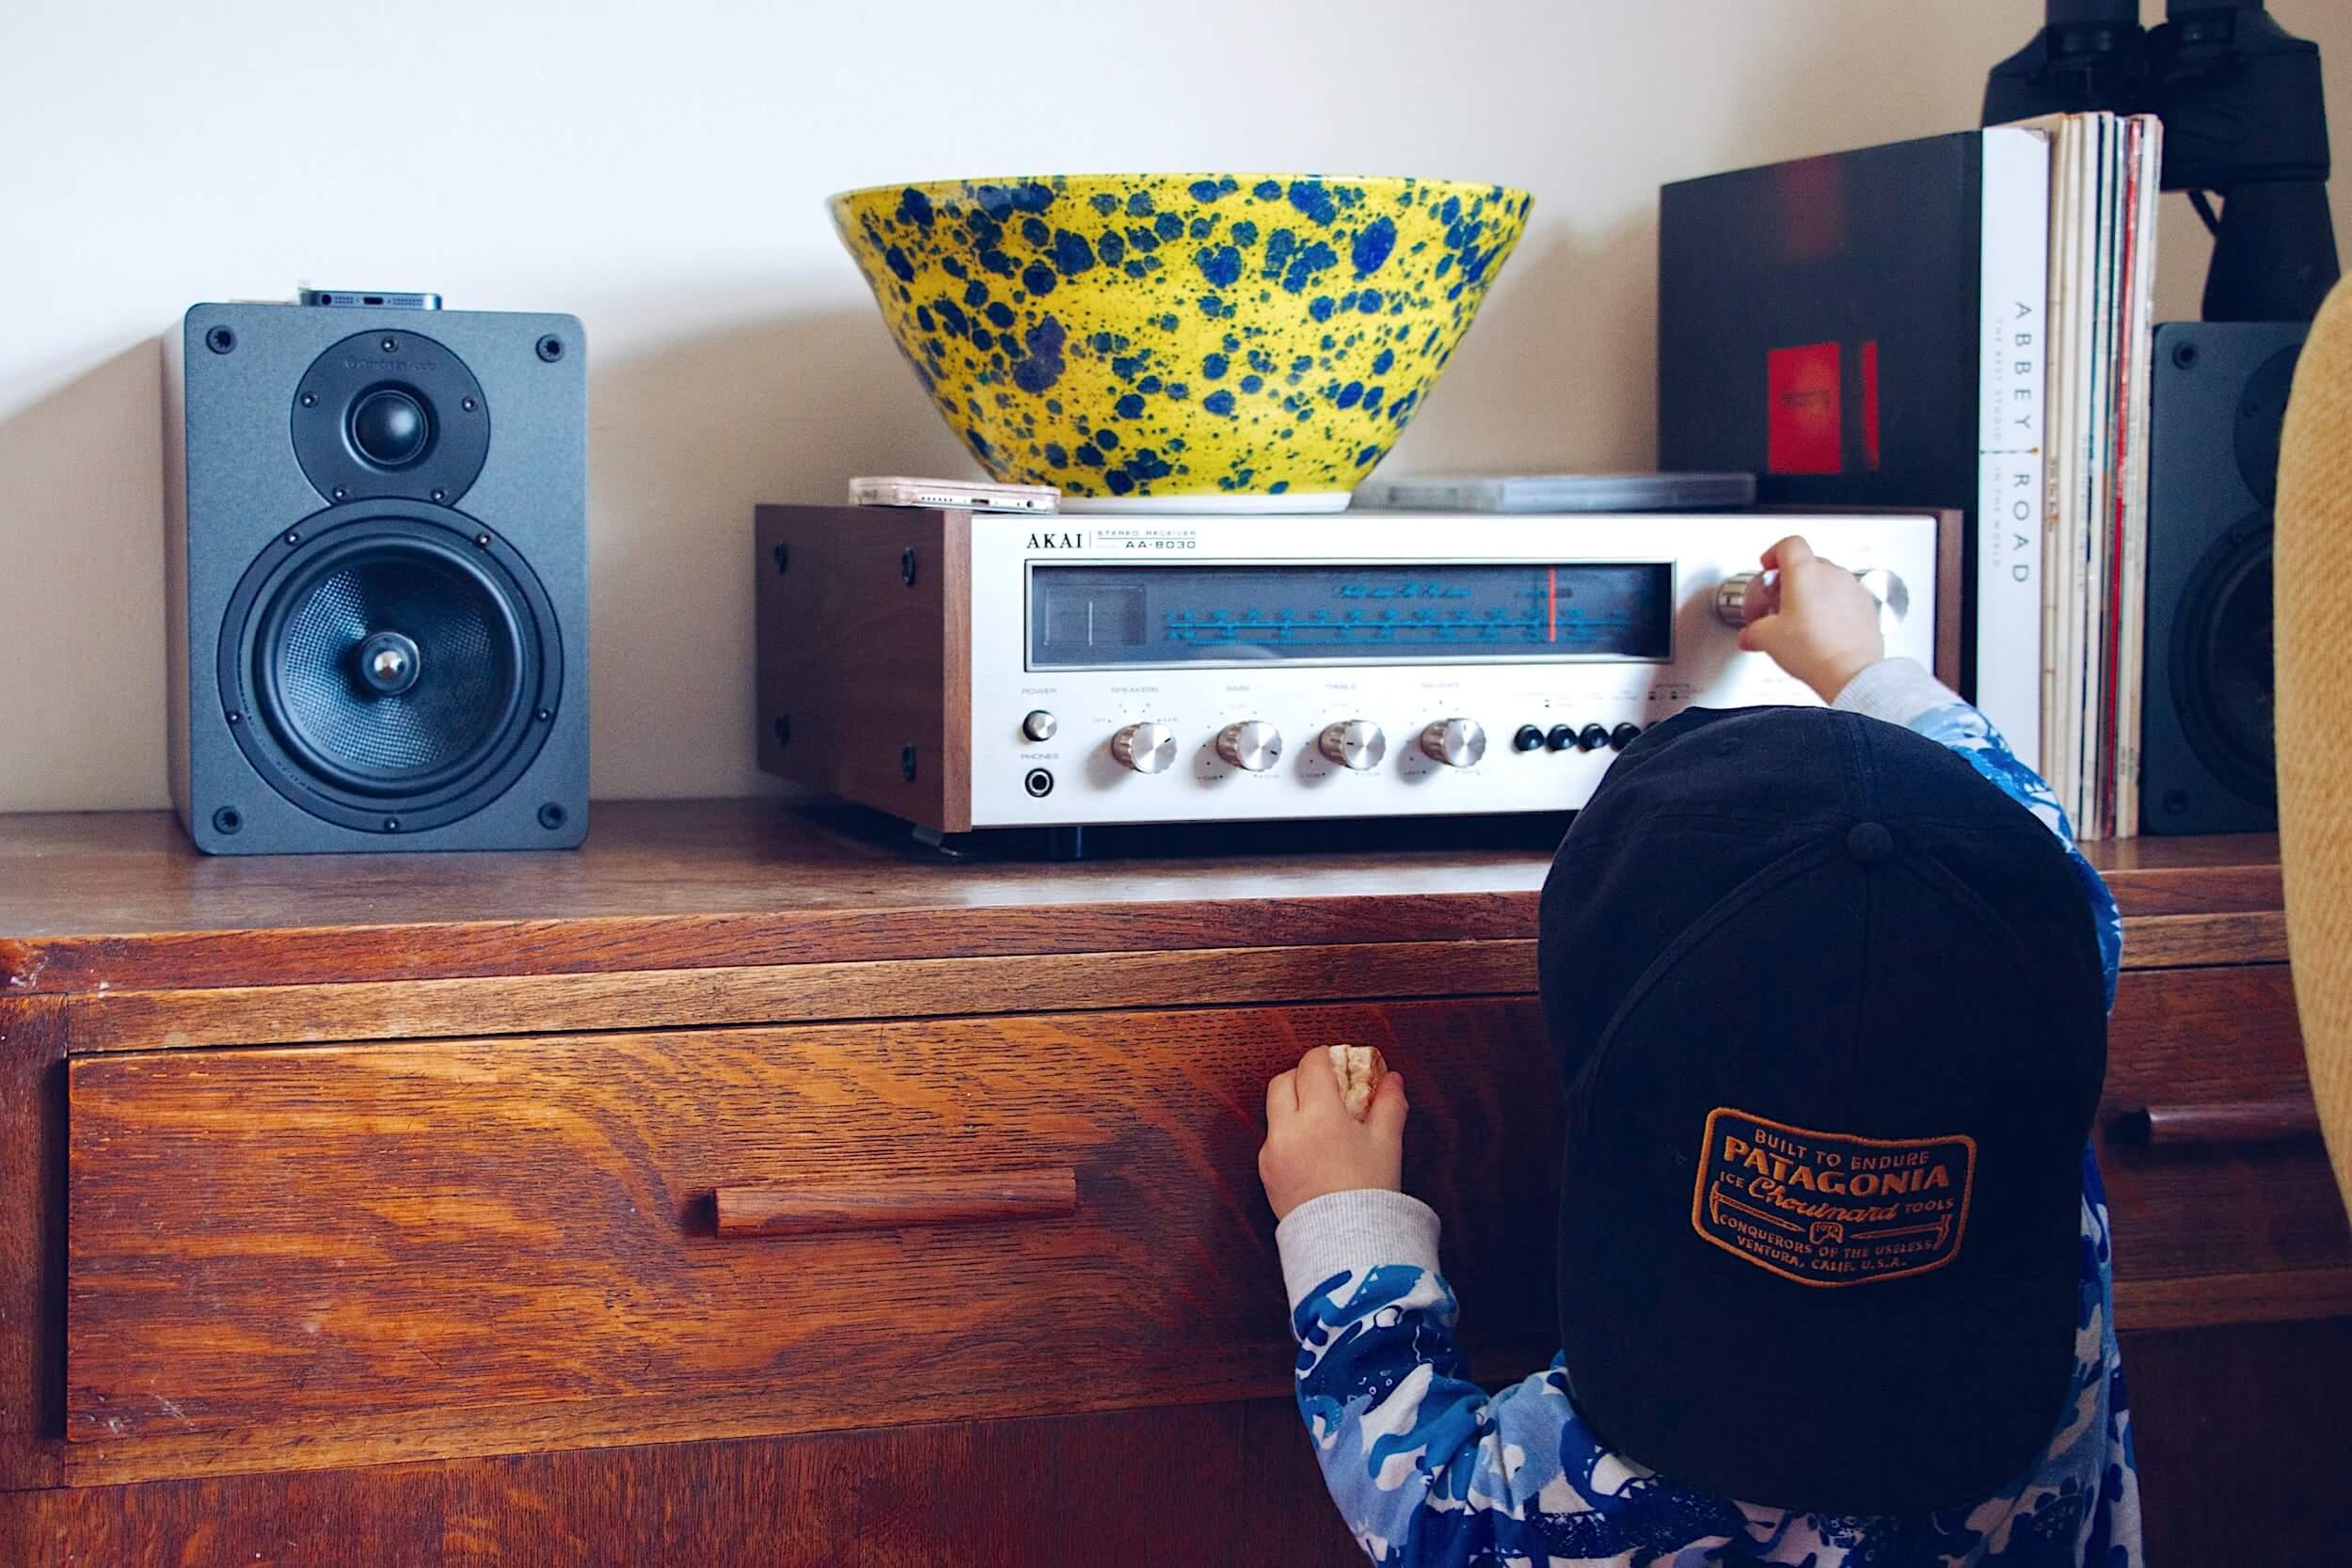 Передача игр по радио, звуки старых ПК и компактная история рингтонов — в дайджесте «Аудиомании» - 1